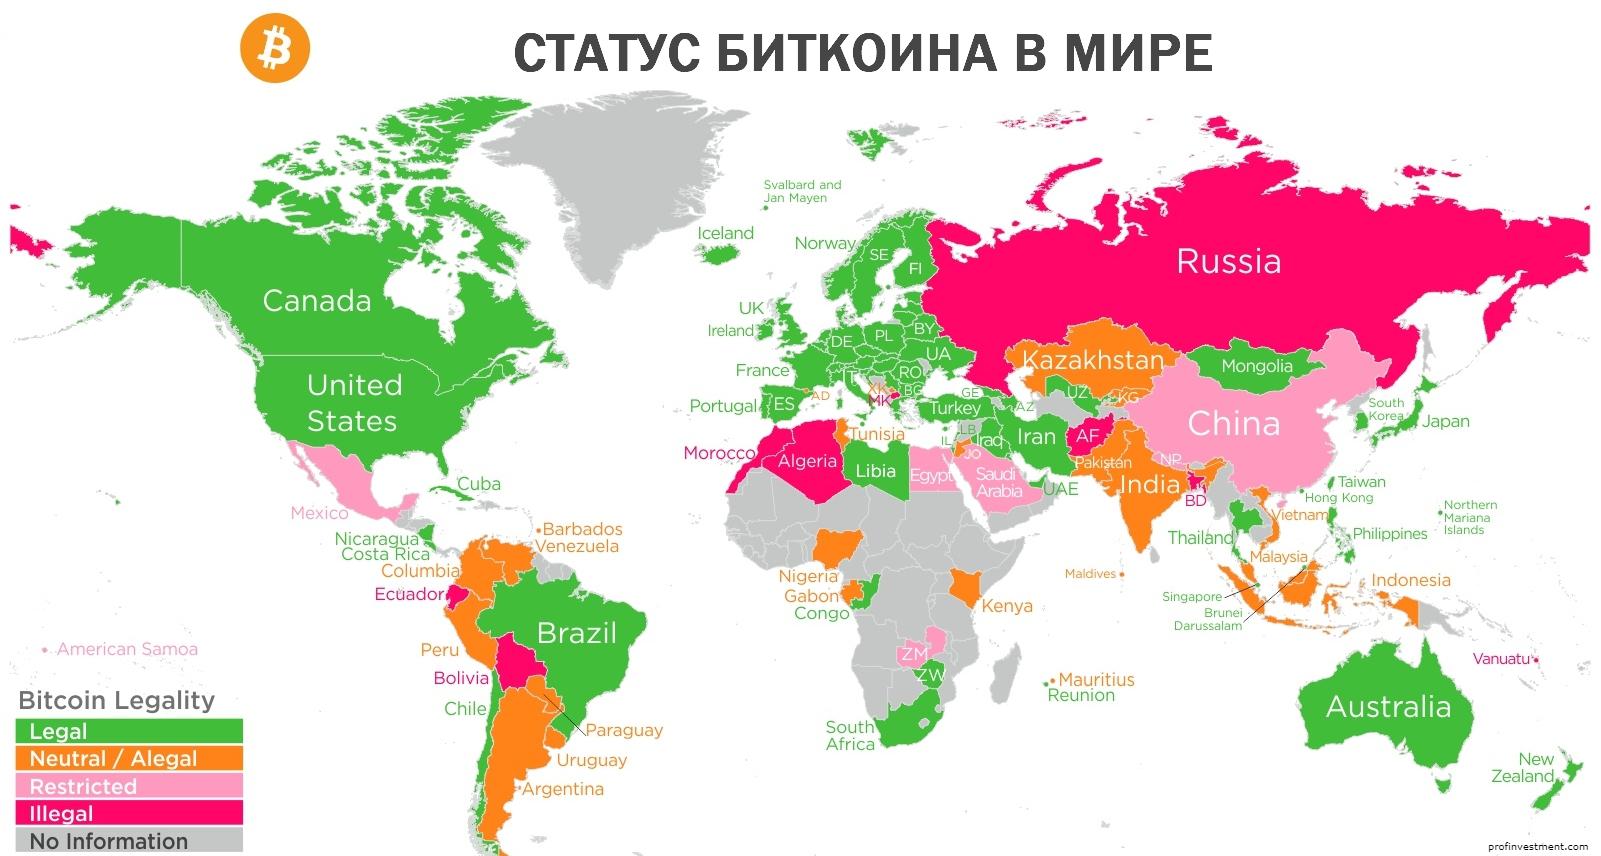 правовой статус биткоина в мире